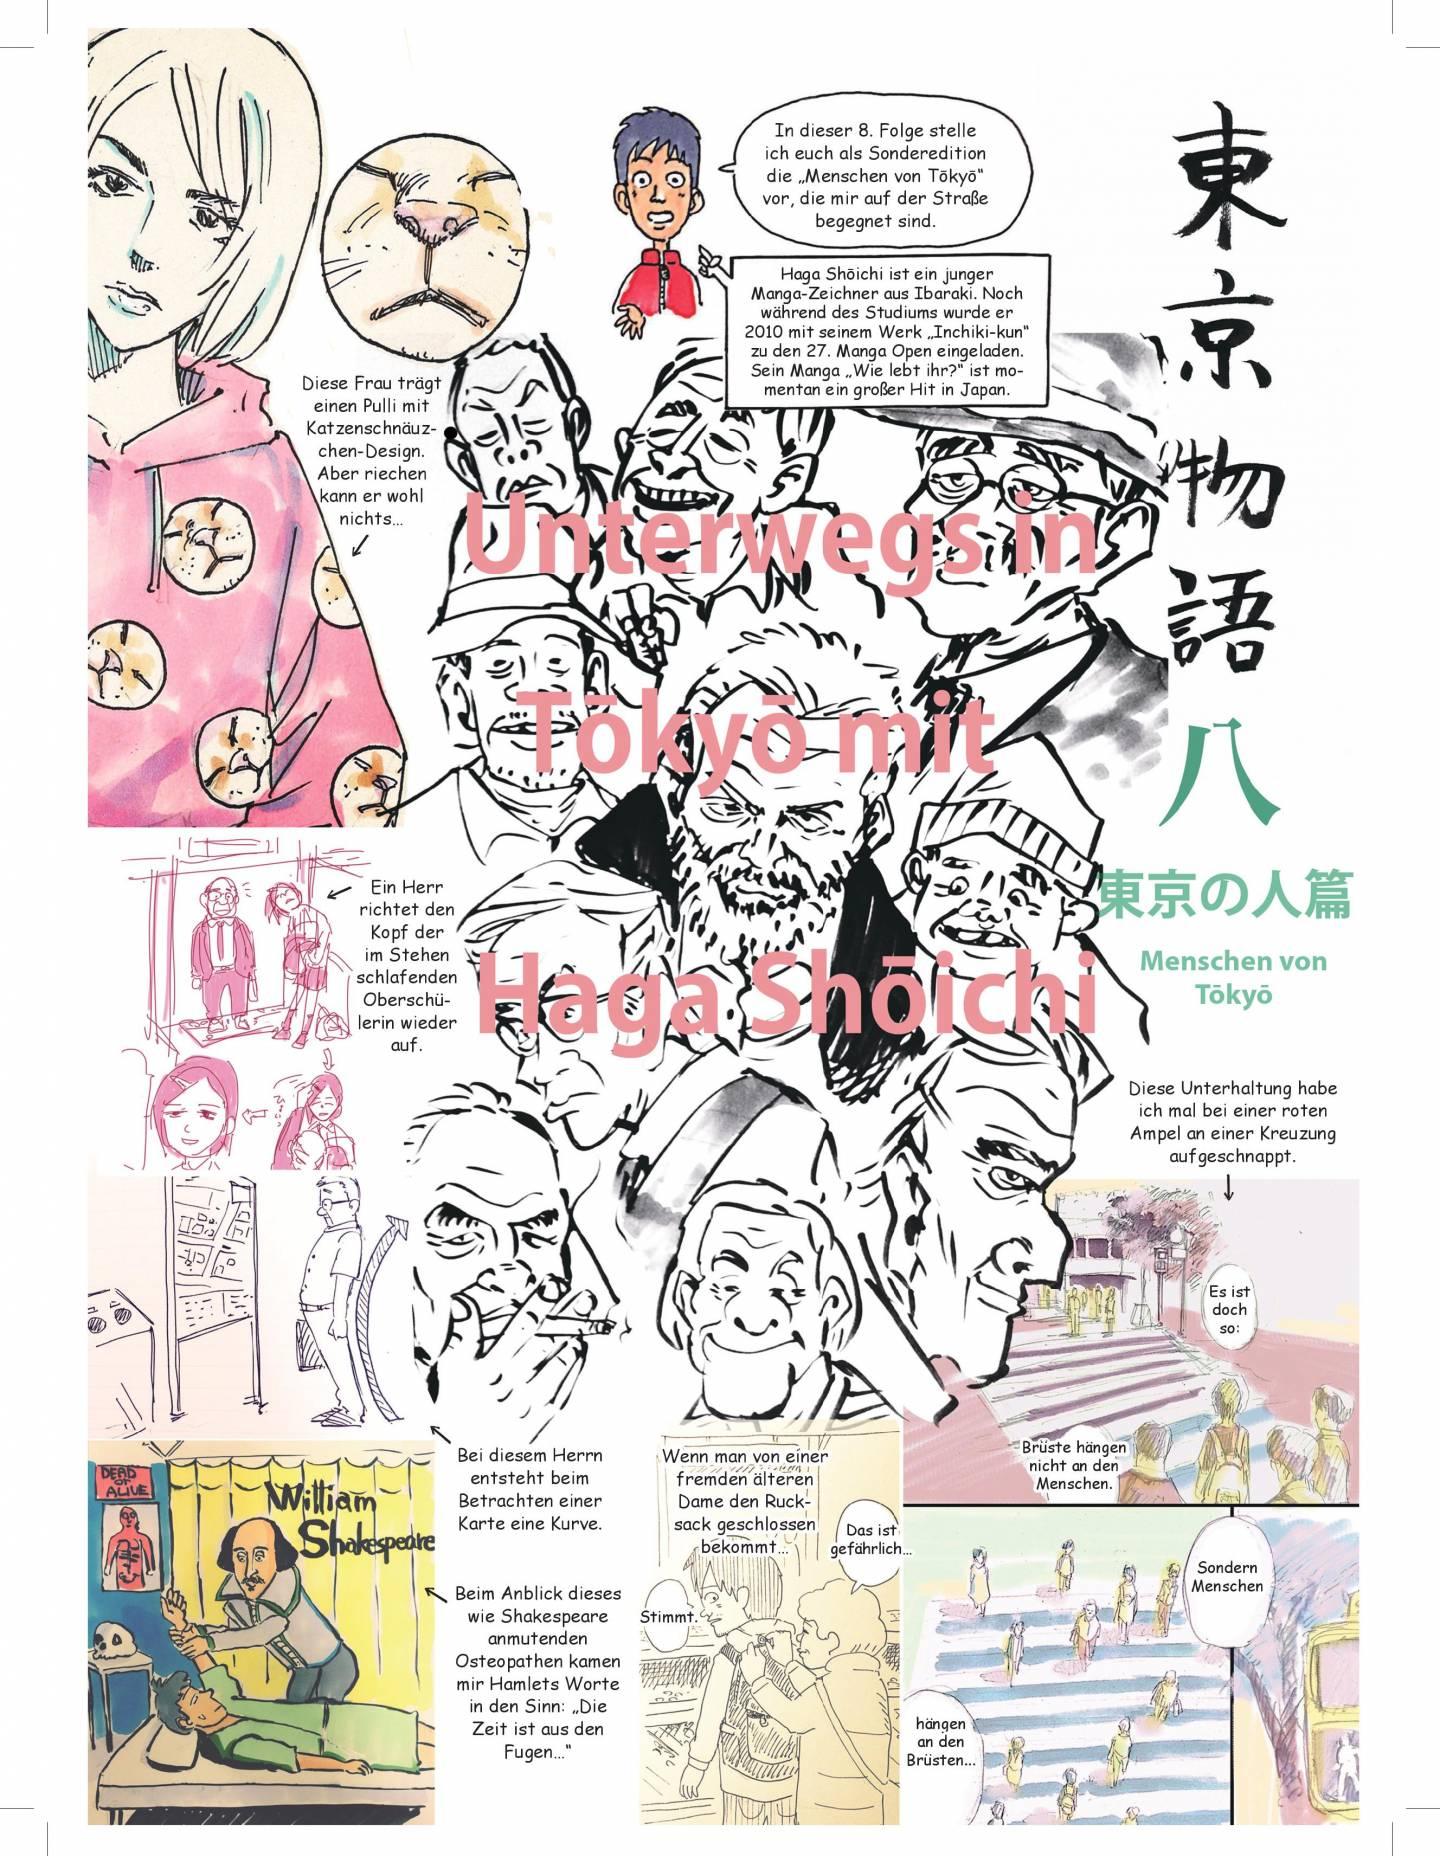 Manga von Haga Shoichi